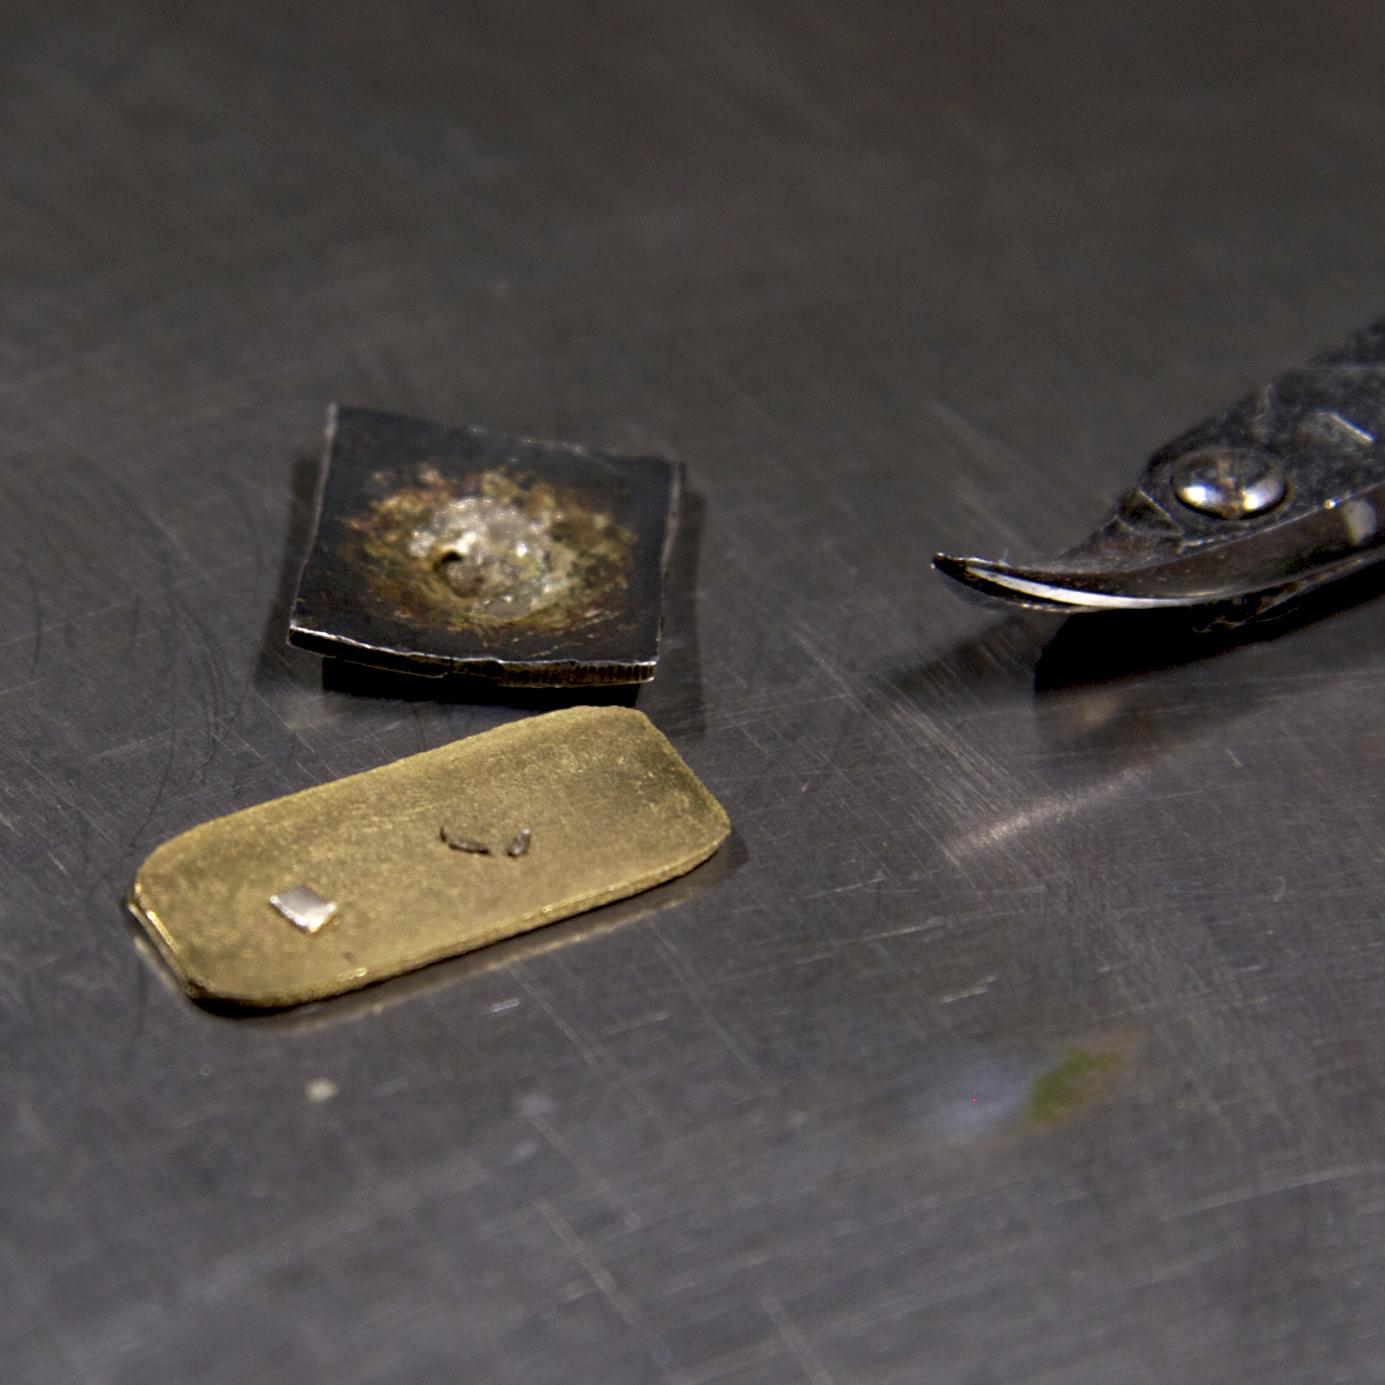 目釘金具の修理 1